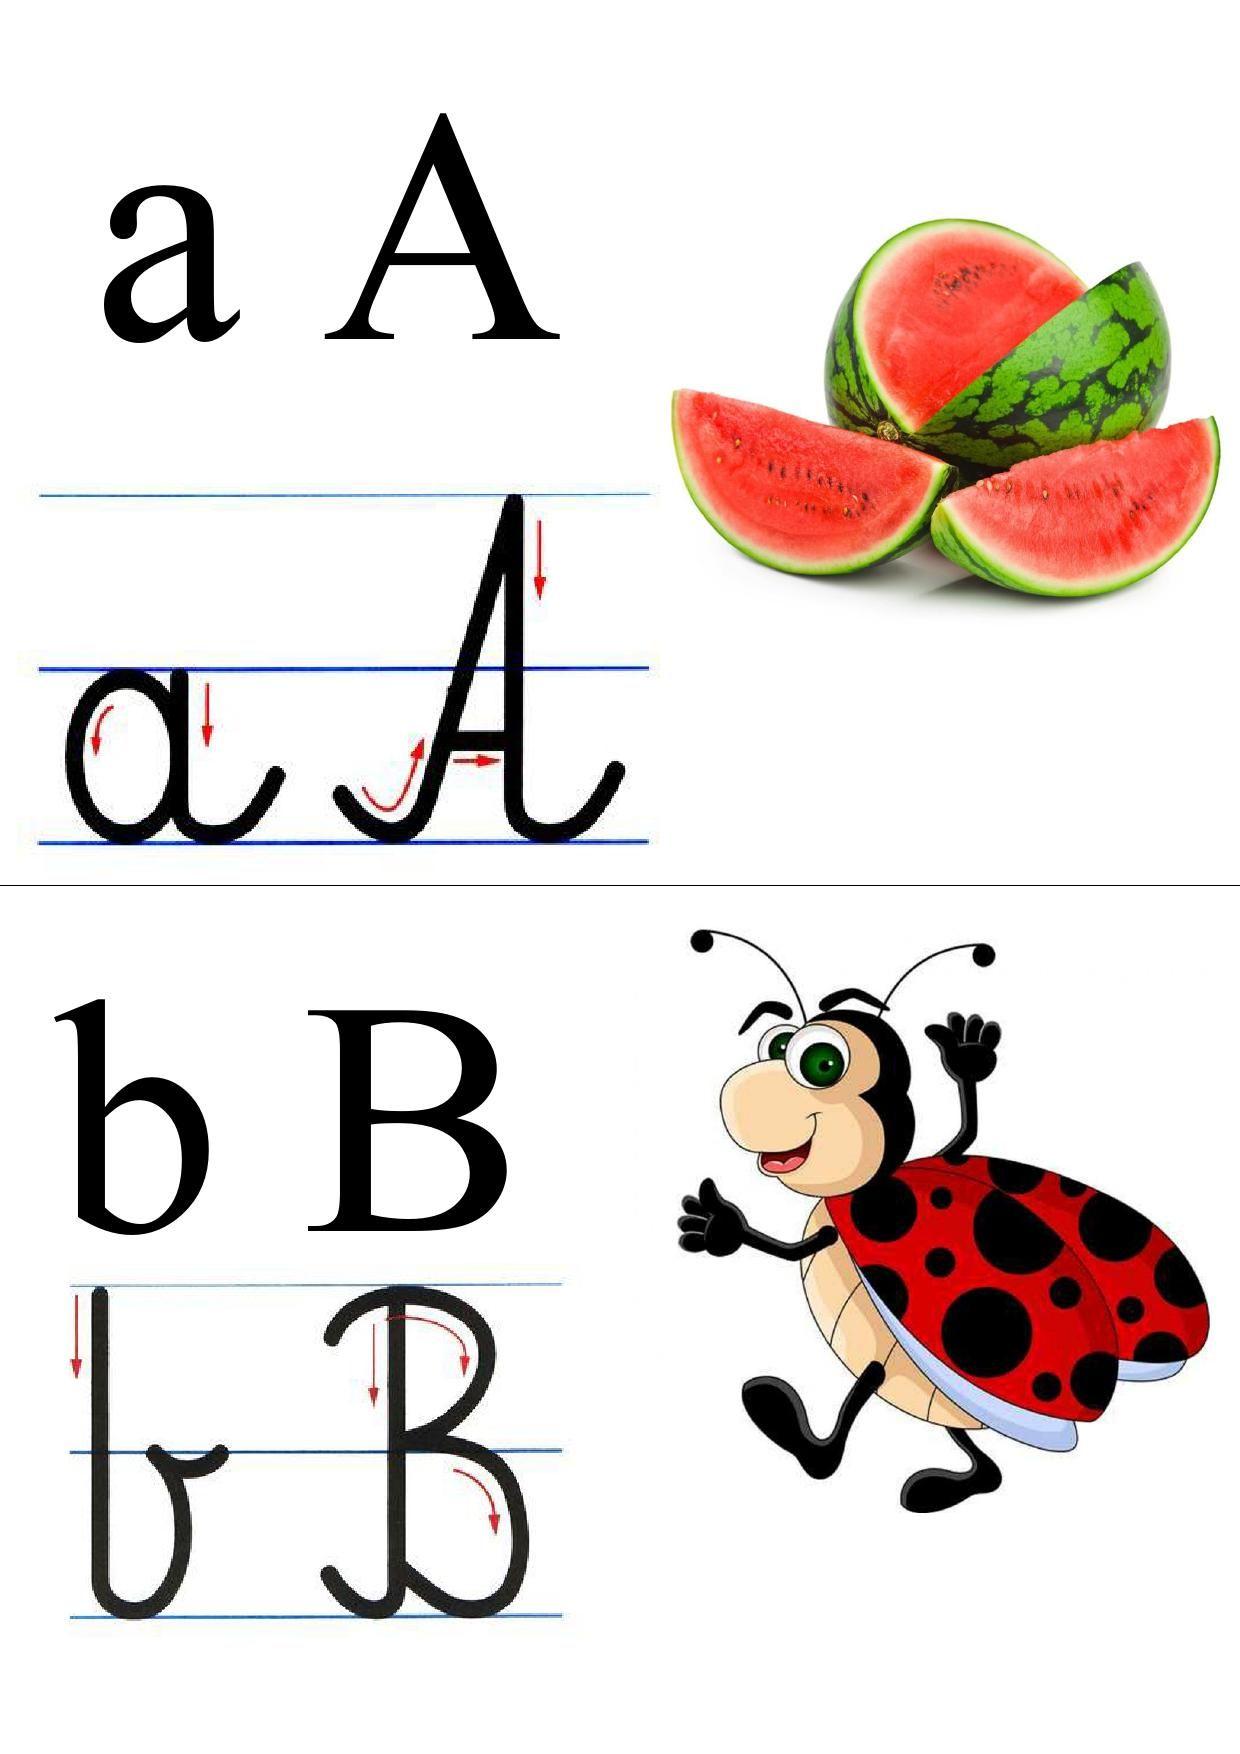 Alfabet Obrazek Do Druku 1 Alfabet Fiszka Do Wydrukowania